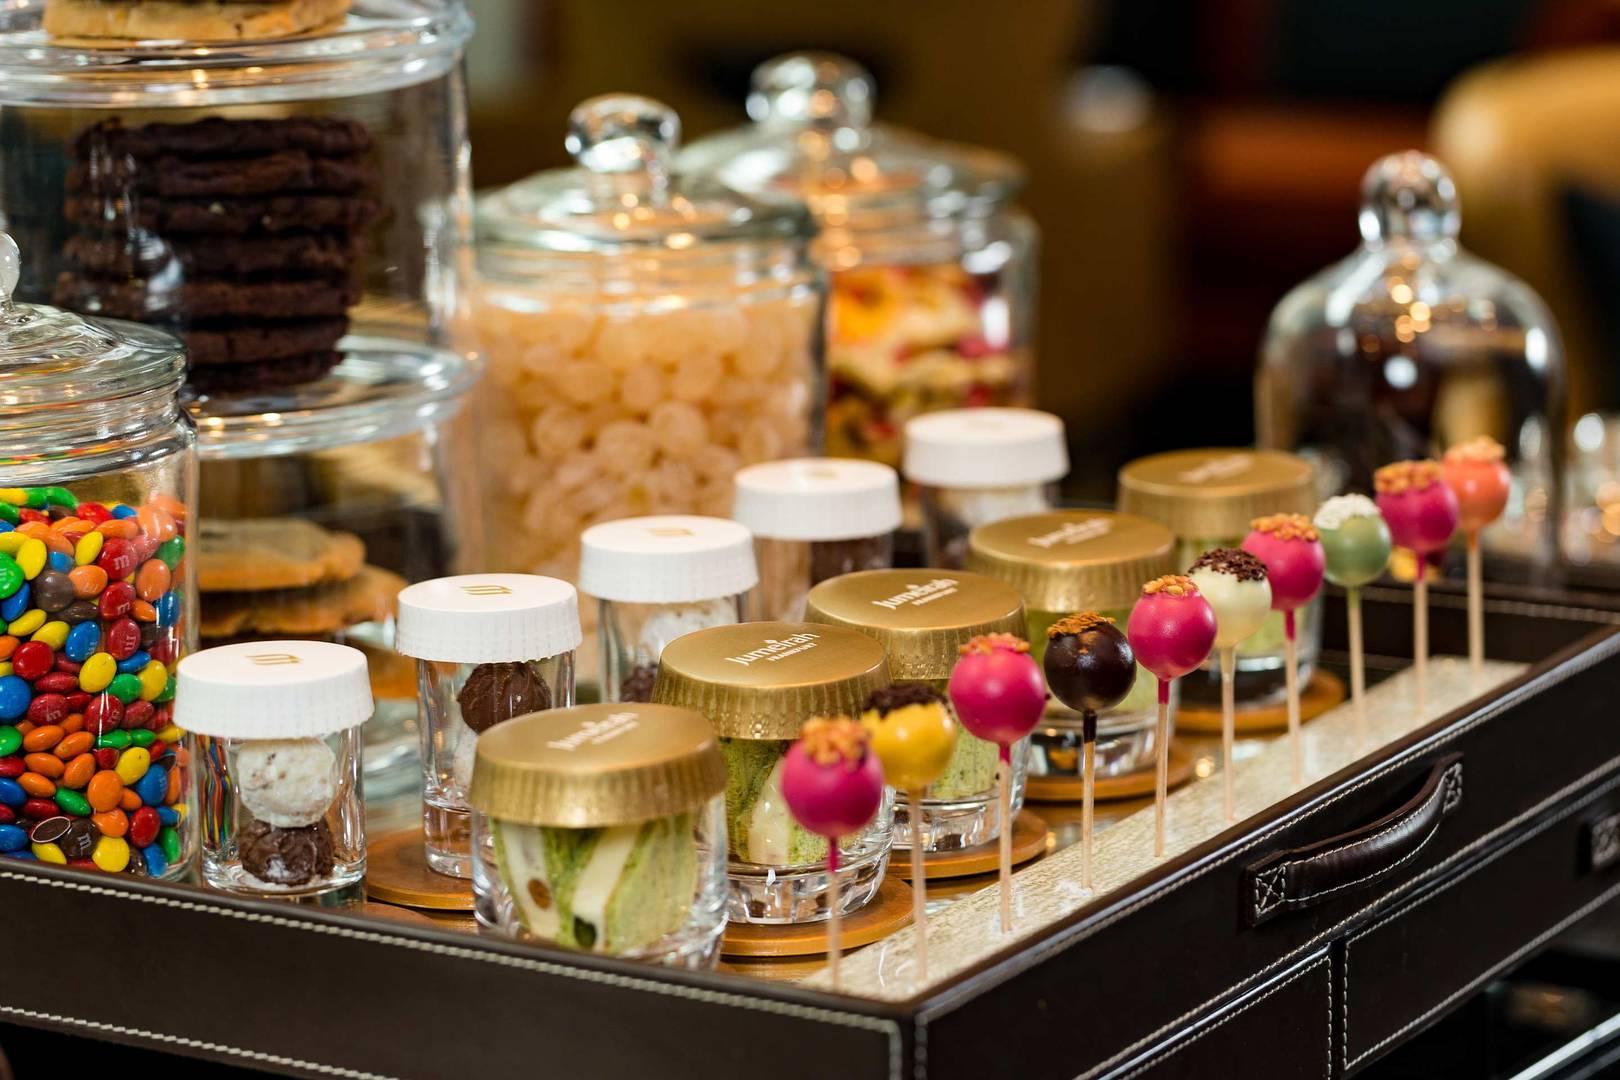 جميرا فرانكفورت، حلوى في مقهى وردهة إمبير